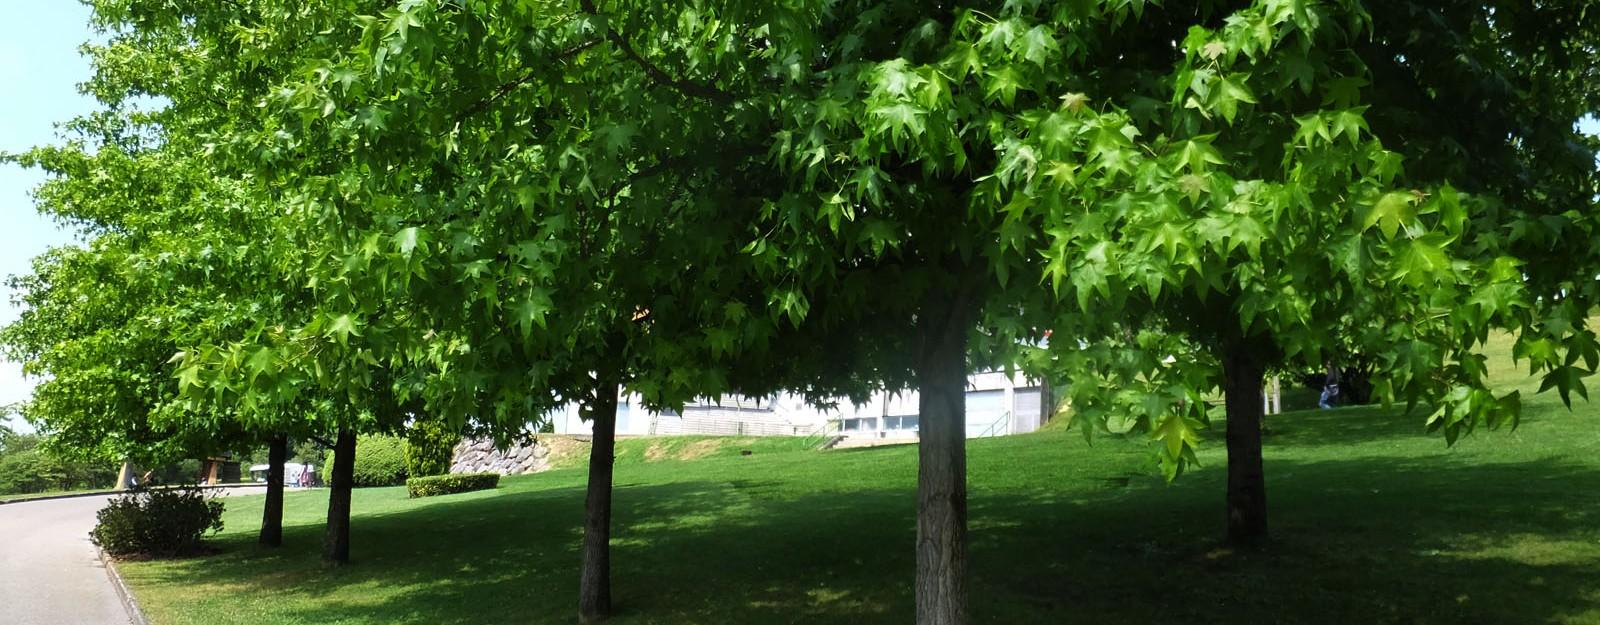 Wie kann man sich seinen eigenen Ahornbaum züchten?